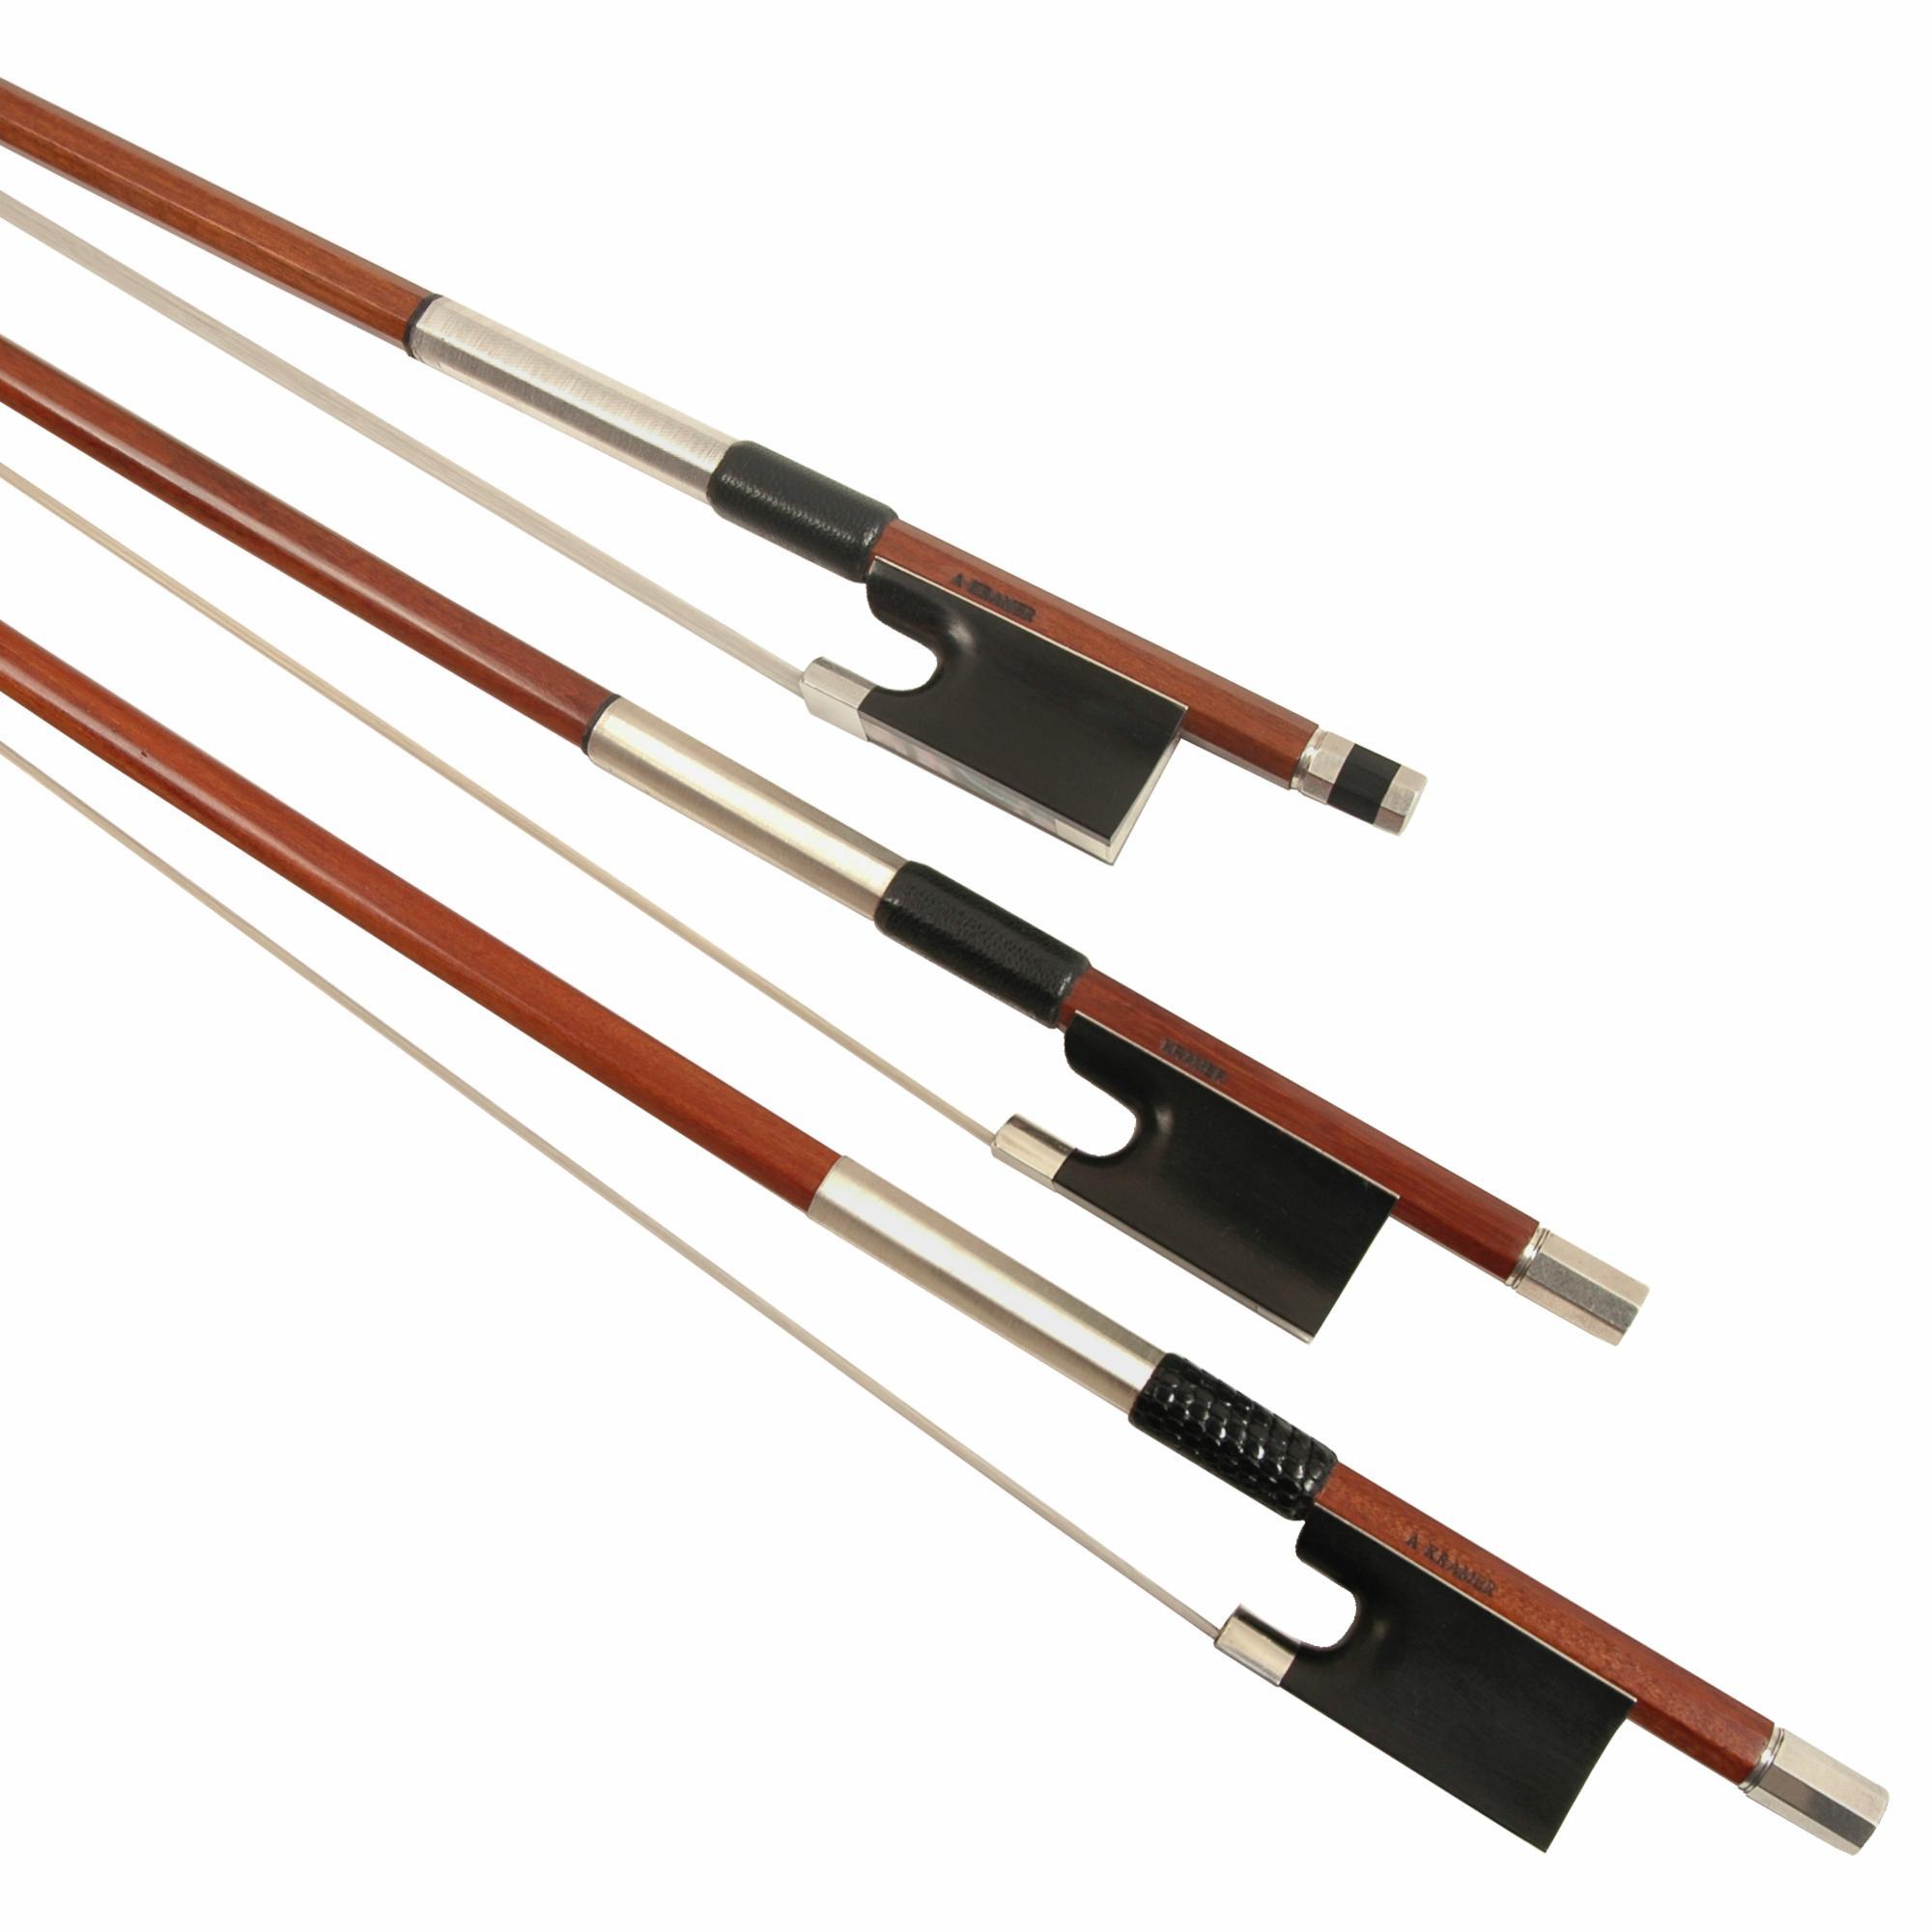 Kramer Octagonal Pernambuco Violin Bow